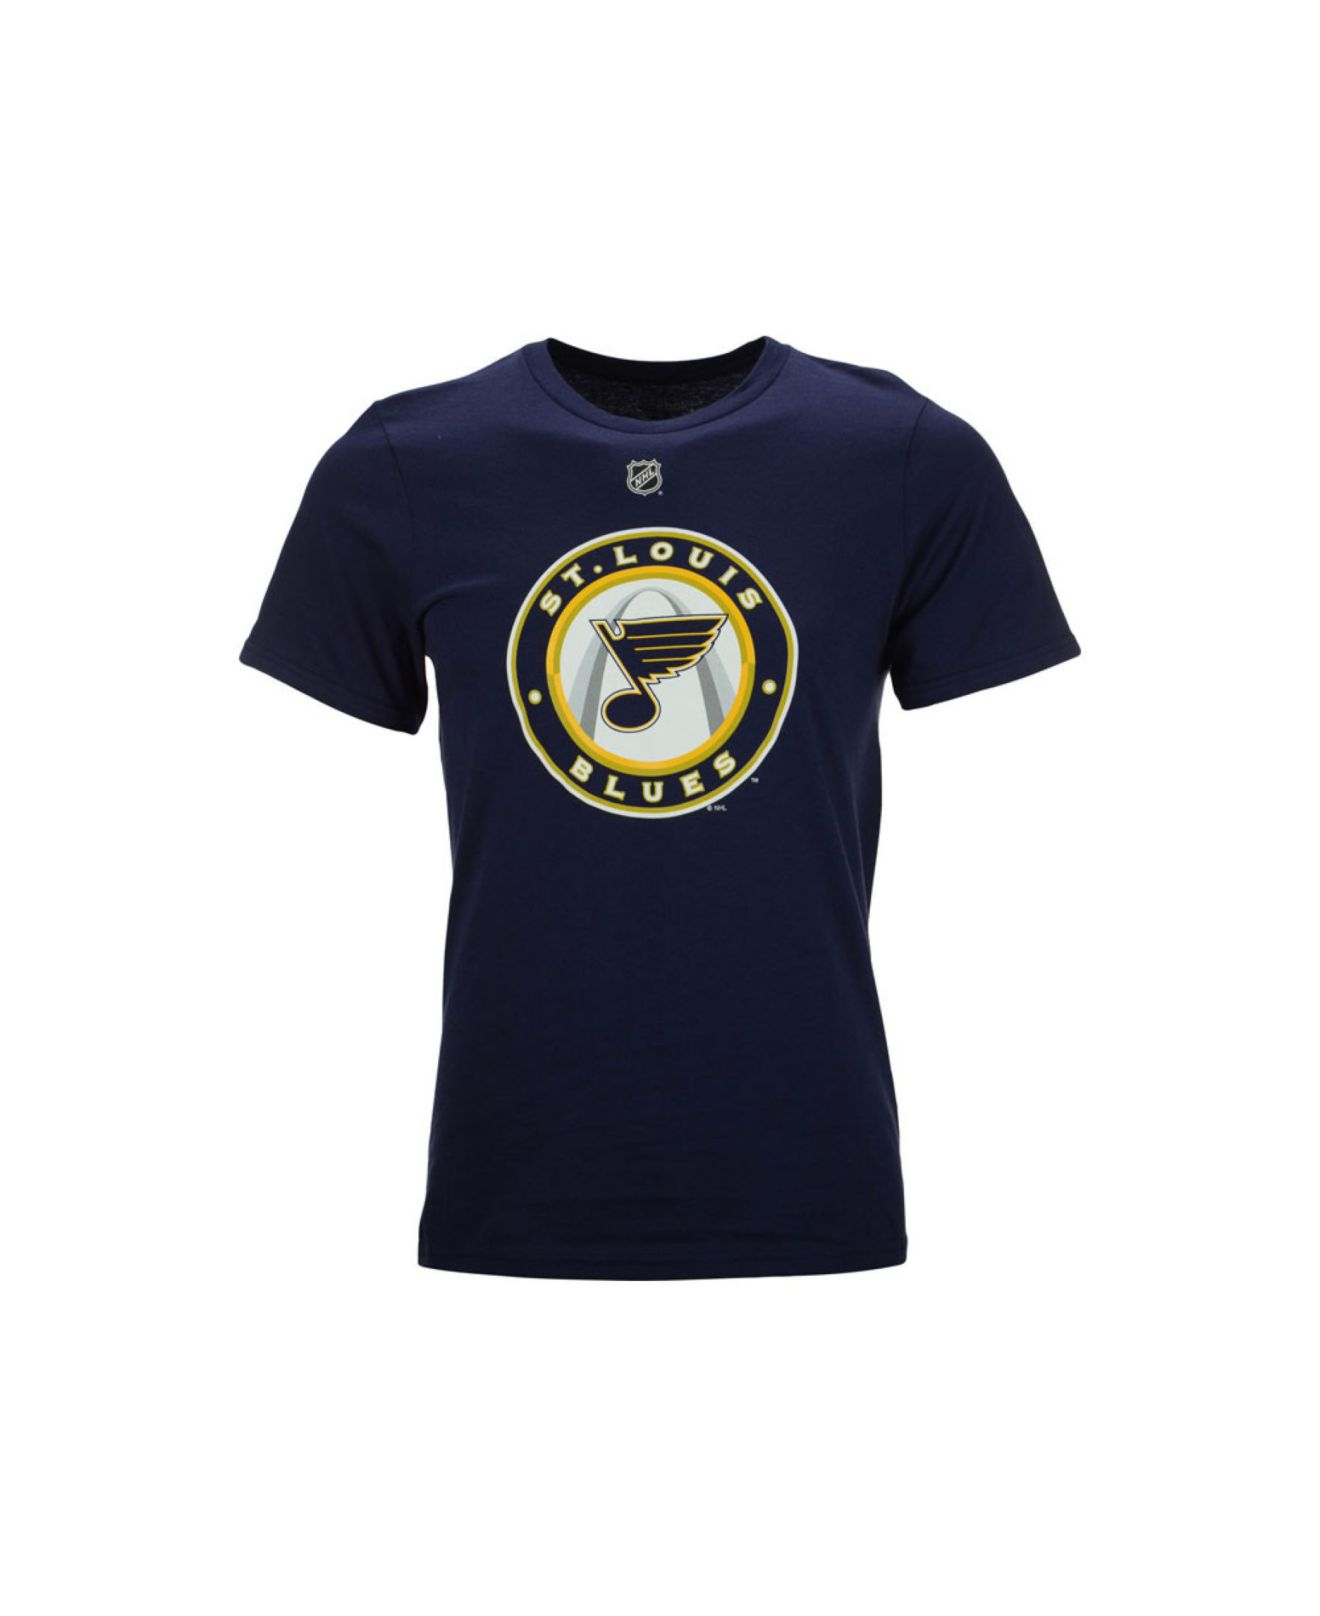 Lyst - Reebok Men s Paul Stastny St. Louis Blues Player T-shirt in ... cdfd46524